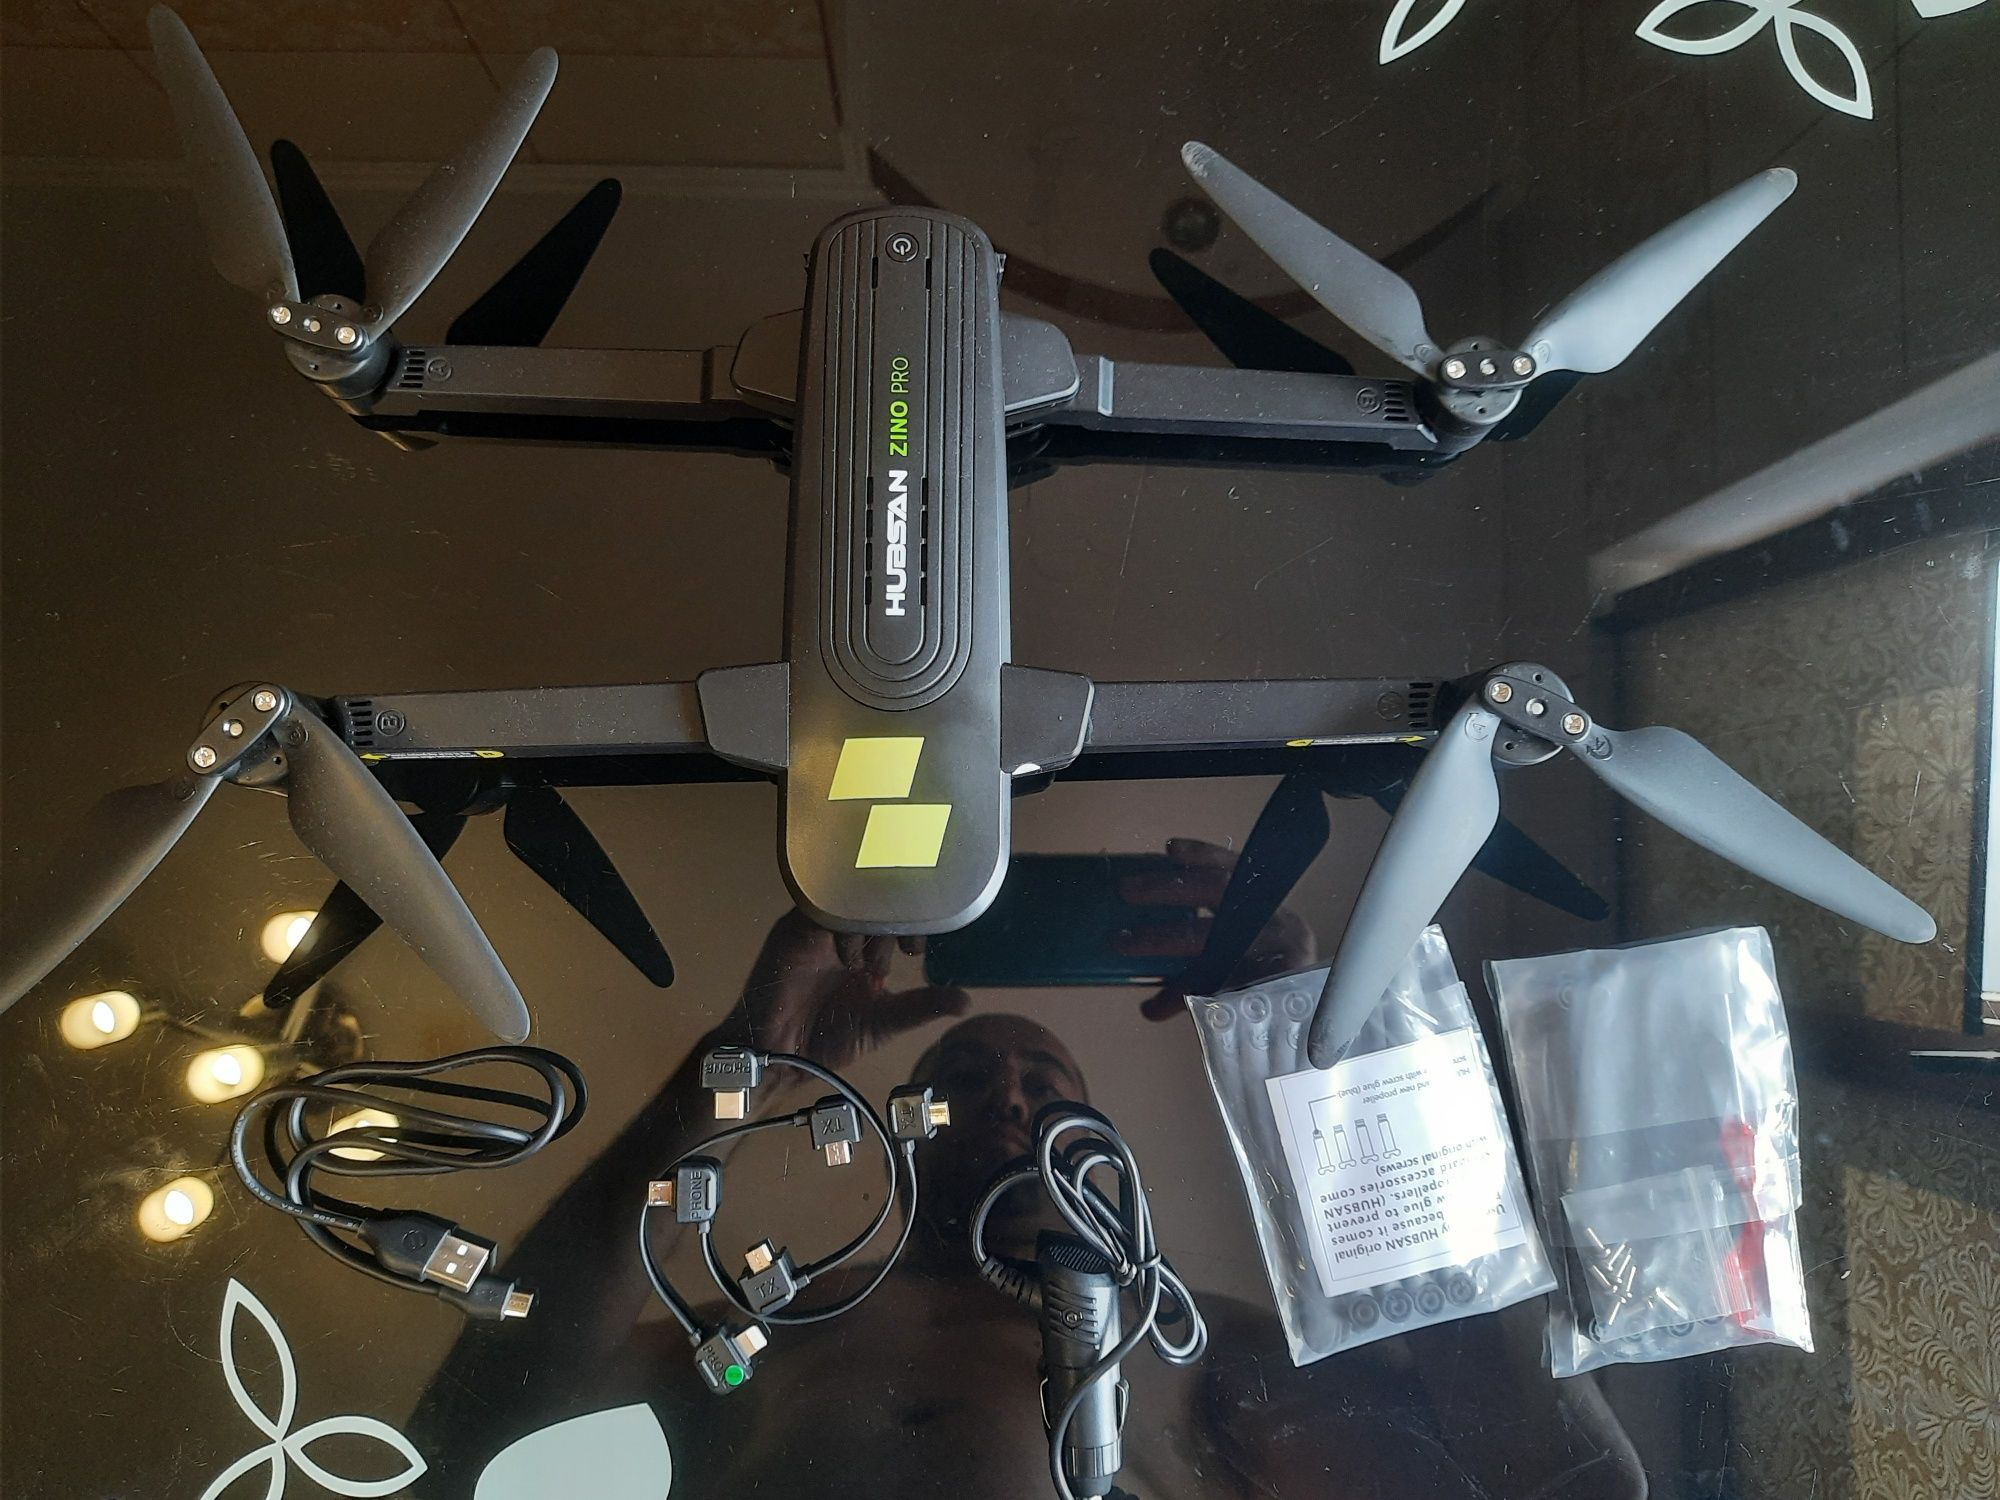 Квадрокоптер Hubsan Zino Pro Wi-Fi 5G FPV 4K Camera GPS RTF (ZINO PRO)